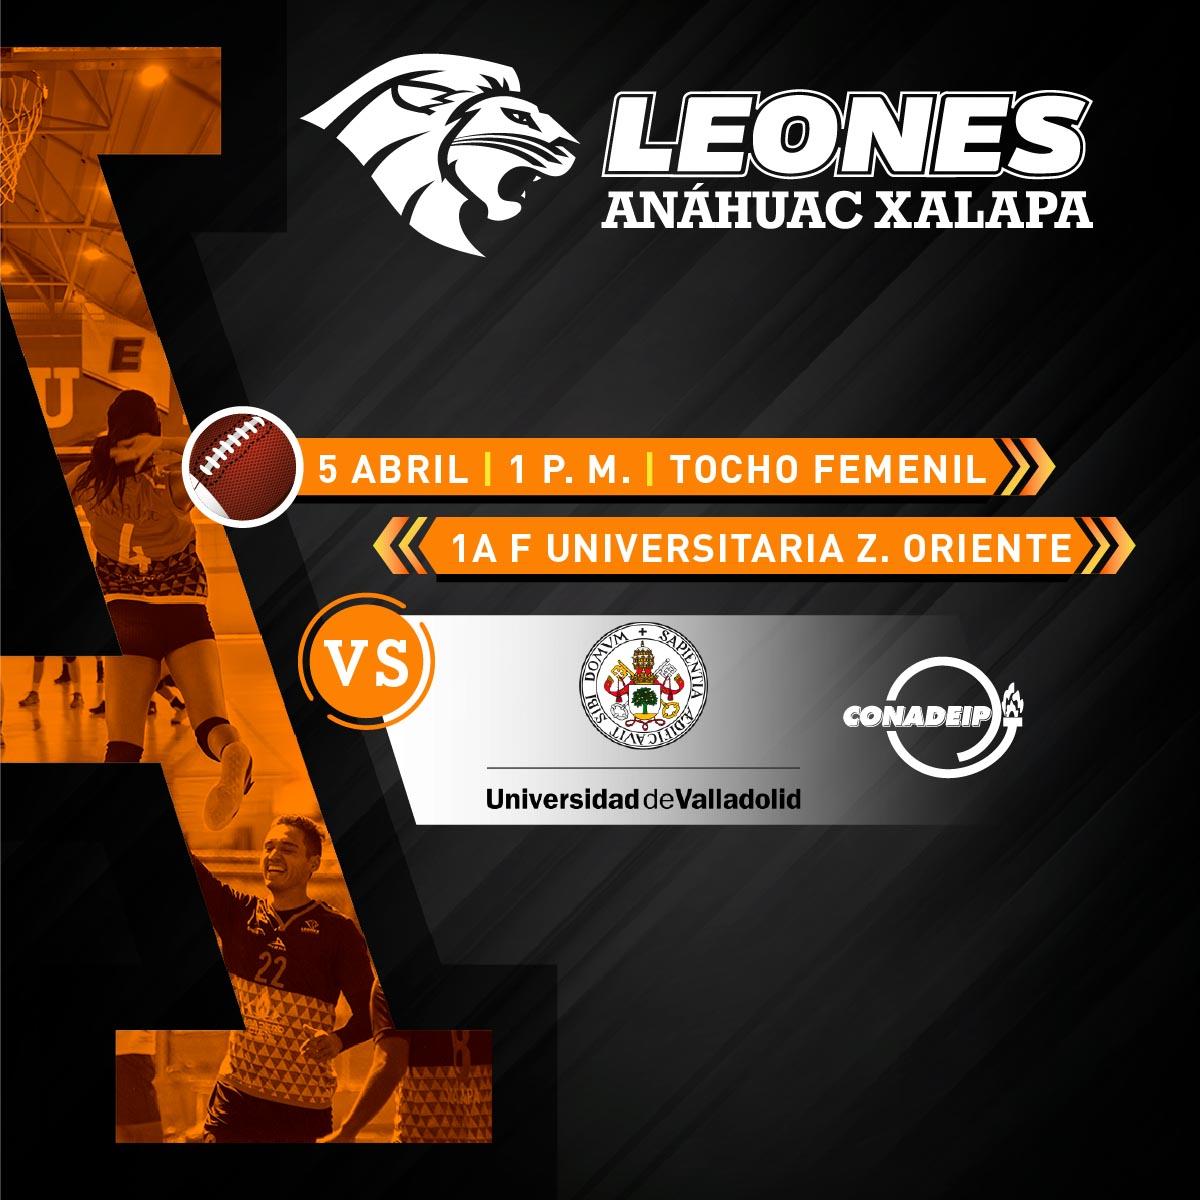 Tocho Femenil CONADEIP: Leonas vs Universidad de Valladolid